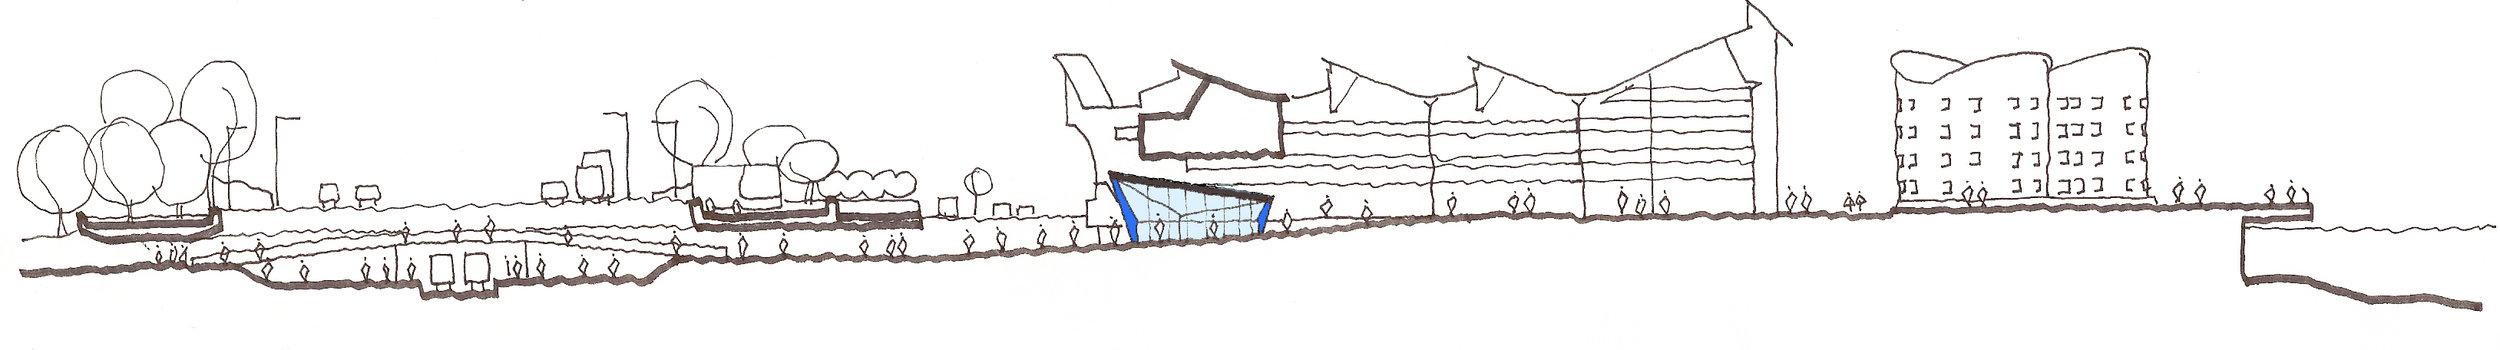 UEL Andys Sketch.jpg